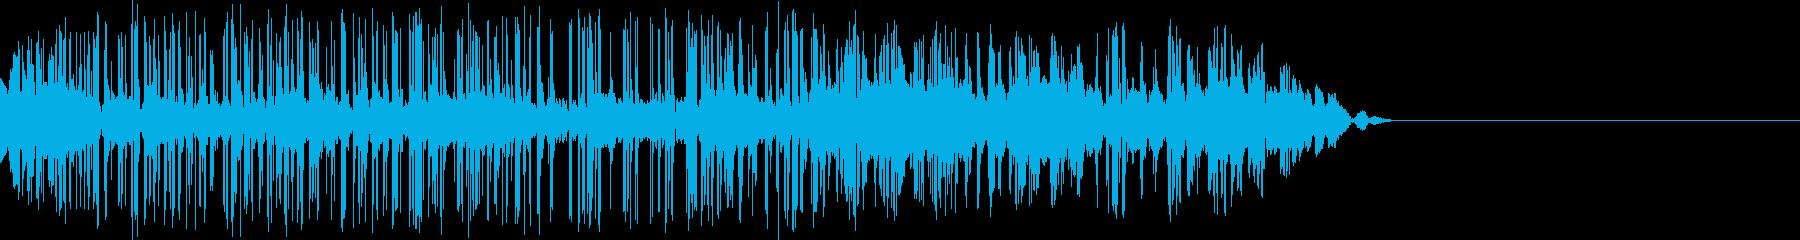 攻撃ダメージの再生済みの波形